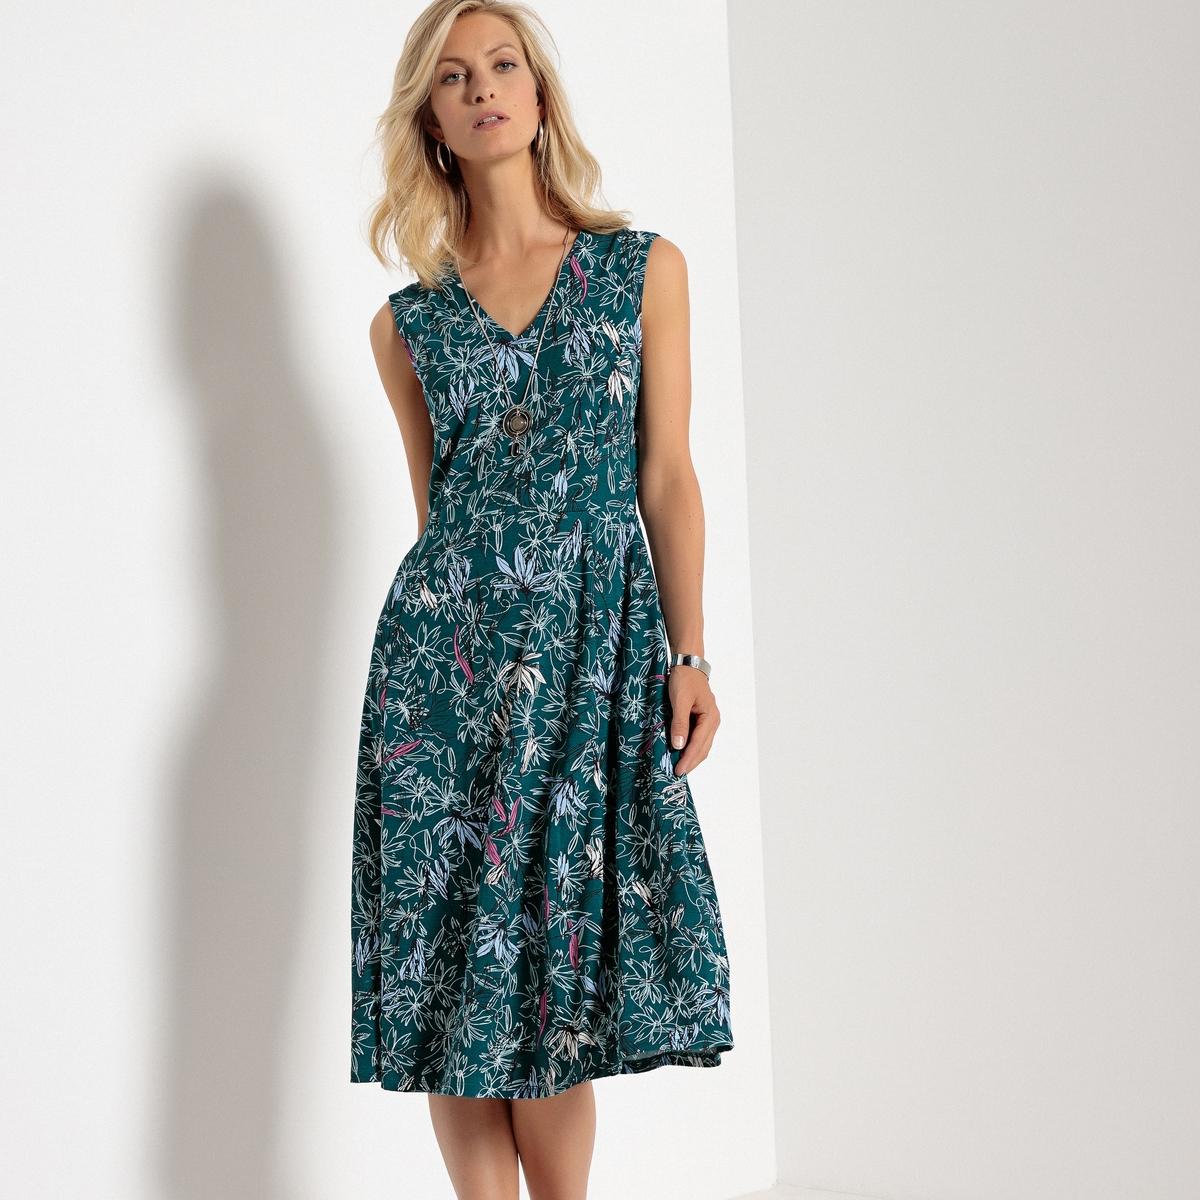 Платье с принтом, V-образным вырезом, без рукавов lovaru ™ 2015 летний стиль женщин моды платье без рукавов мини v образным вырезом высокое качество мягкие и удобные платья горячей продажи